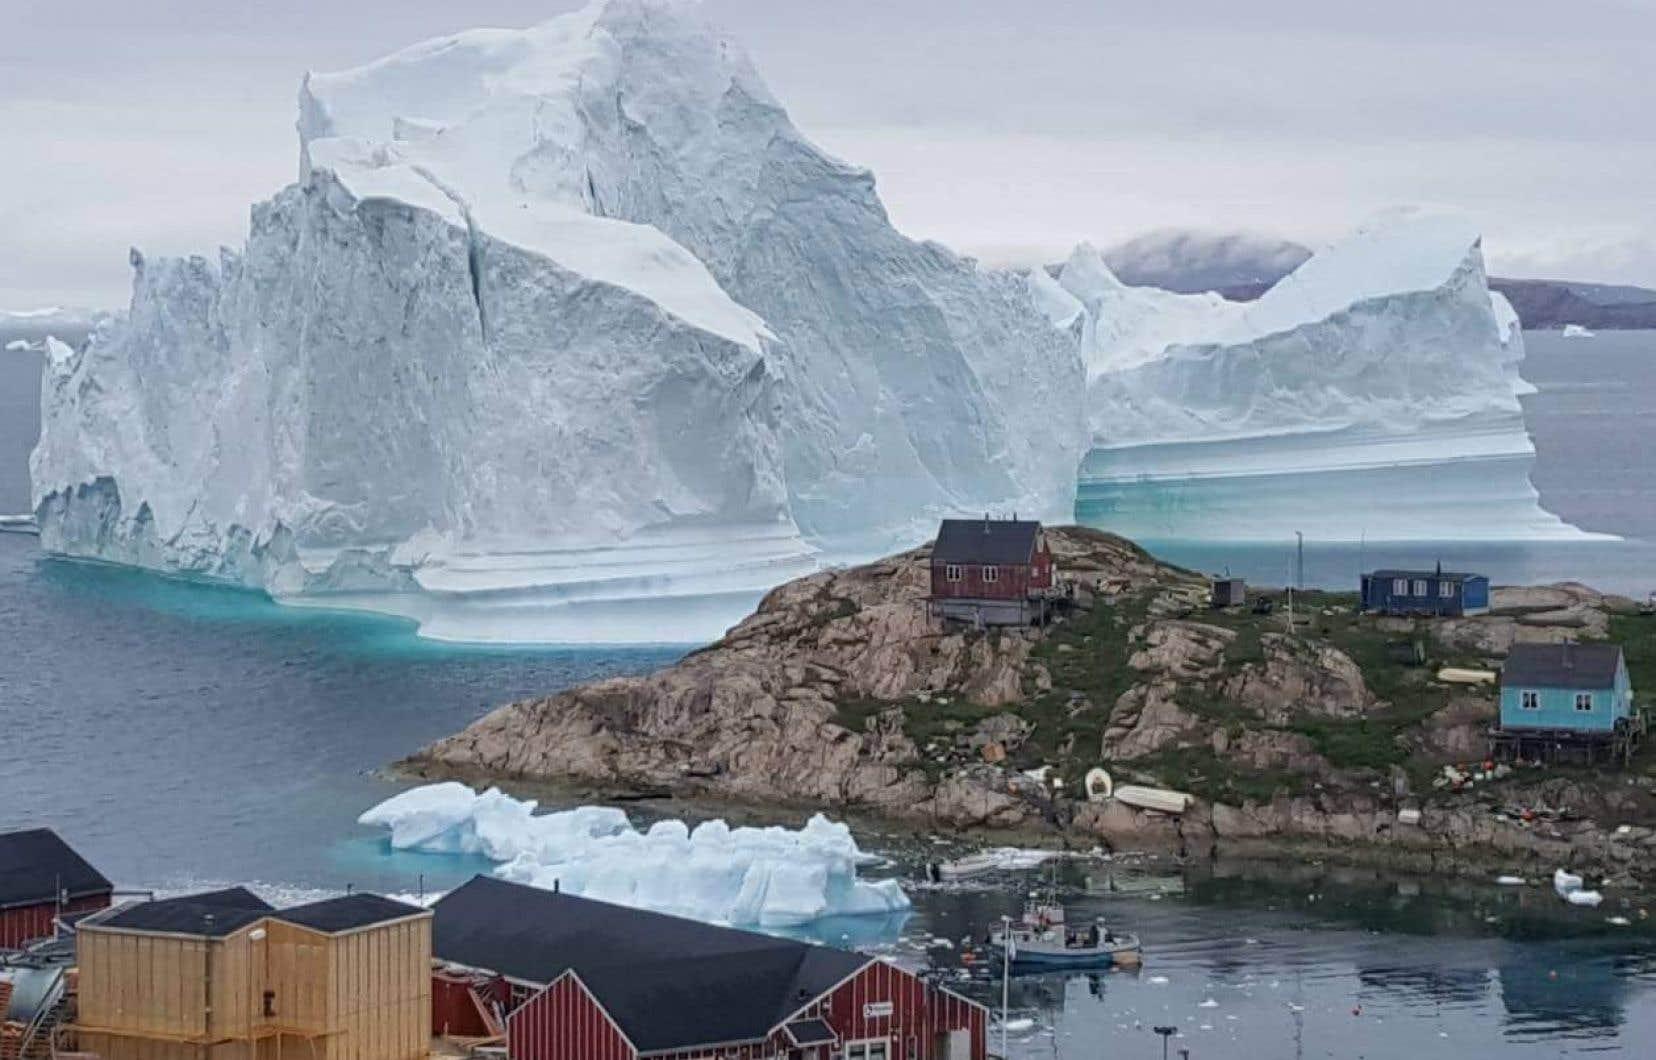 La nouvelle étude montre que la glace fond également dans le sud-ouest de l'île et que cette fonte est accélérée par la hausse des températures terrestres.